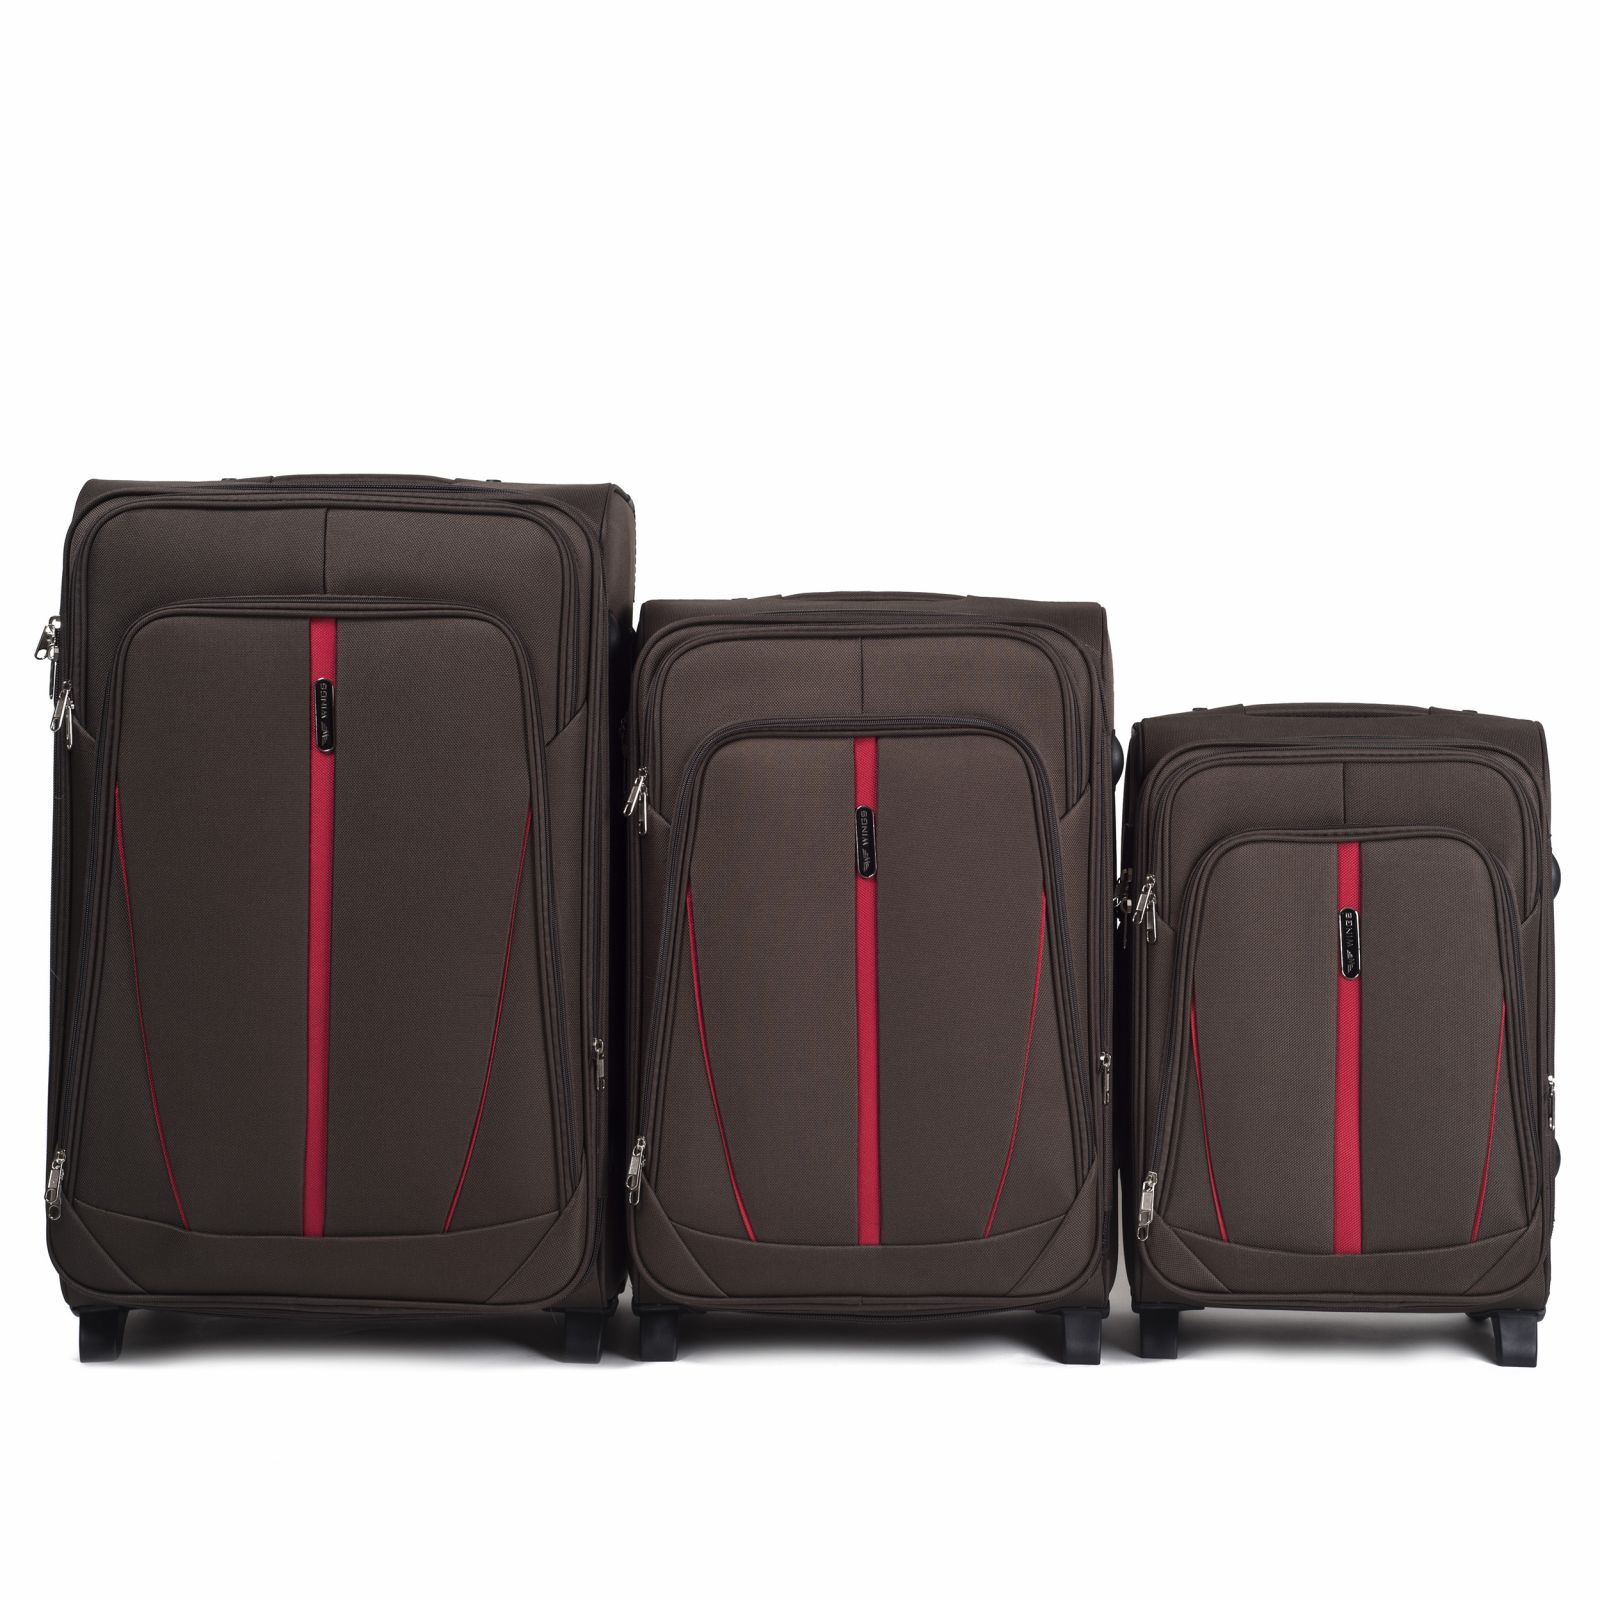 Sada 3 textilních kufrů WINGS 1706 COFFEE L/M/S